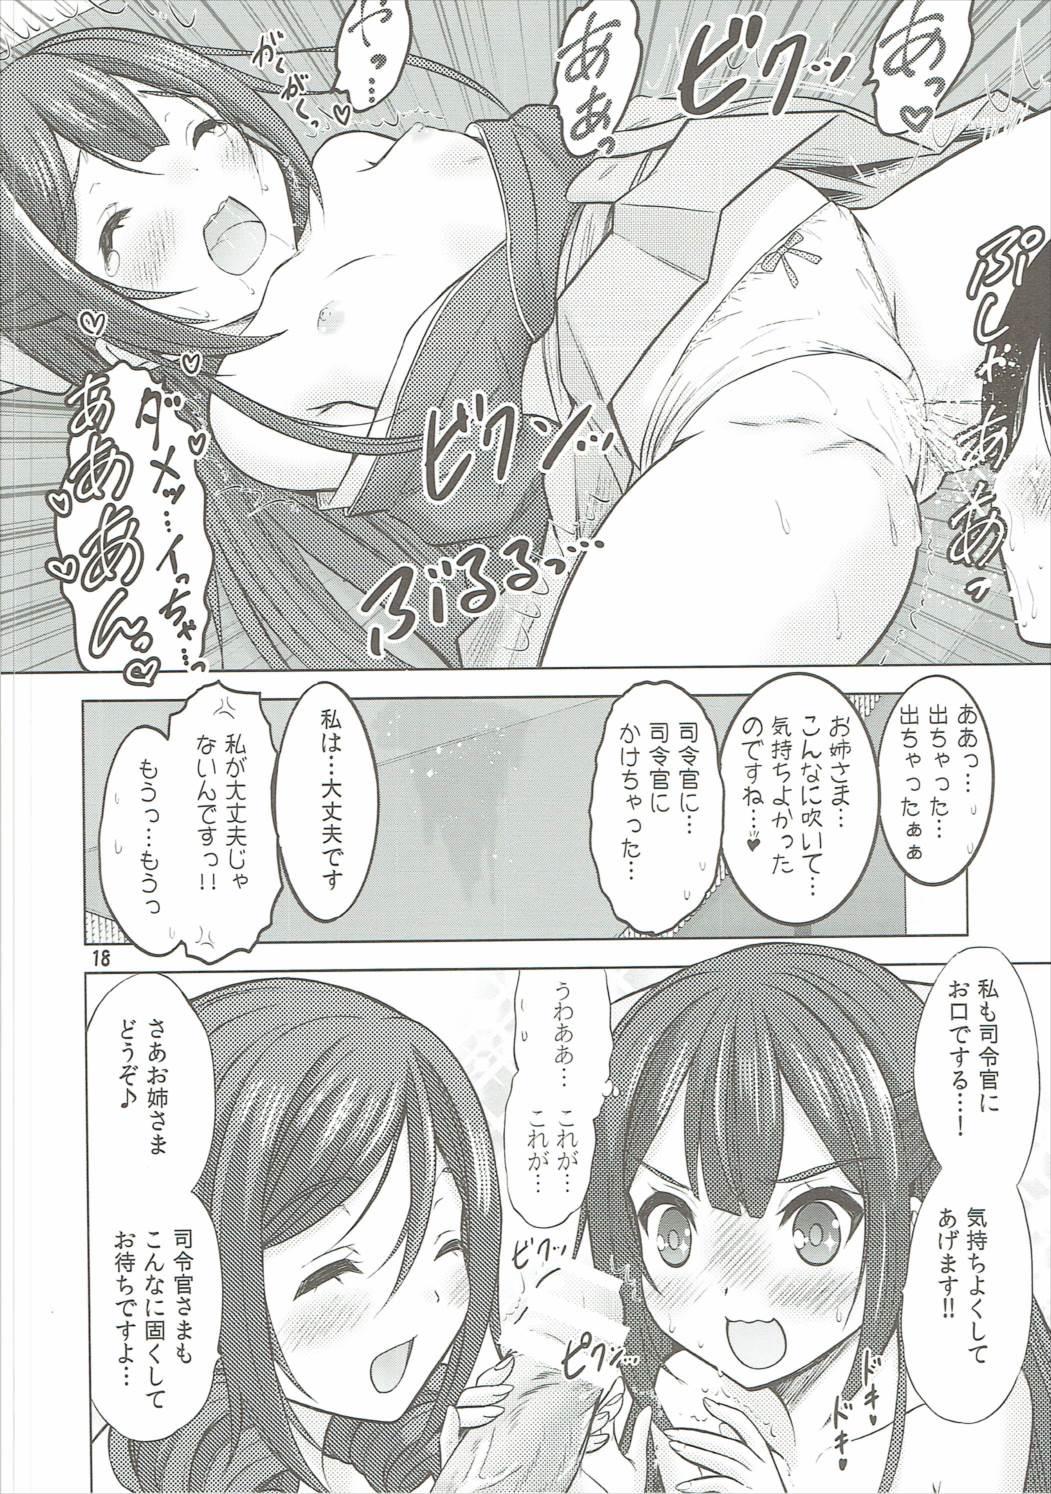 【艦これ エロ漫画・エロ同人】神風の代わりに春風でセックスの練習しようとしてたら本人にバレて3Pすることにwwwww (17)